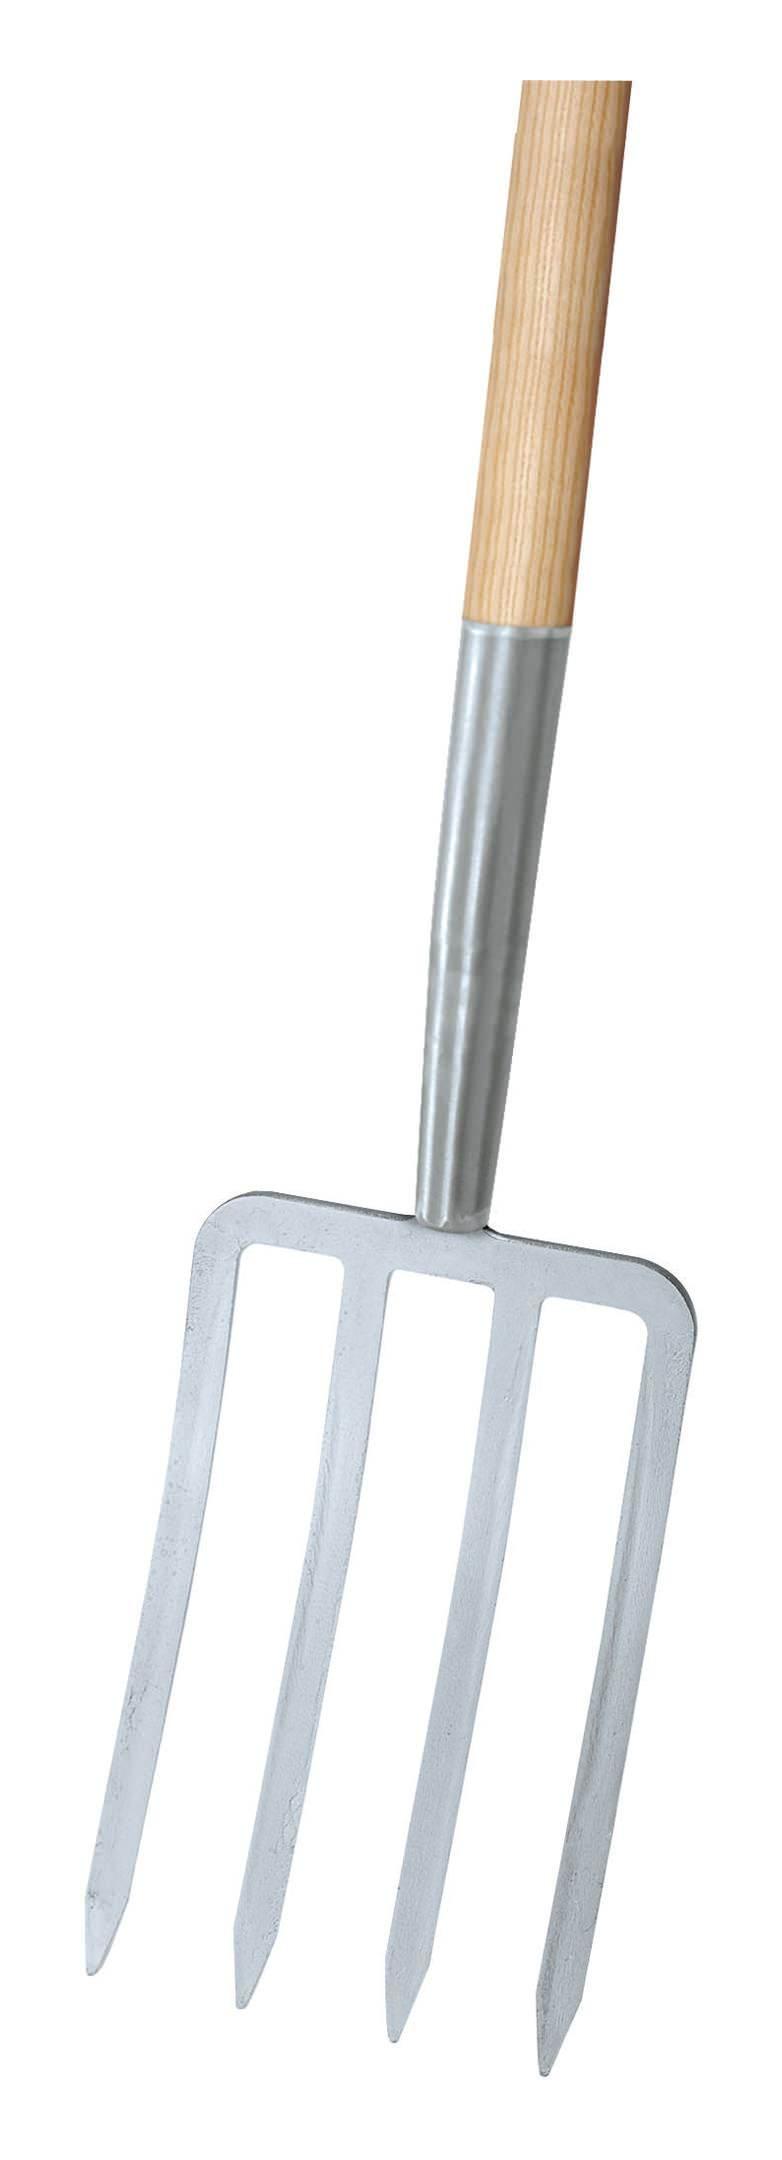 Idealspaten Ideal Spatengabel silber 4 Zinken T-Stiel - 67053000